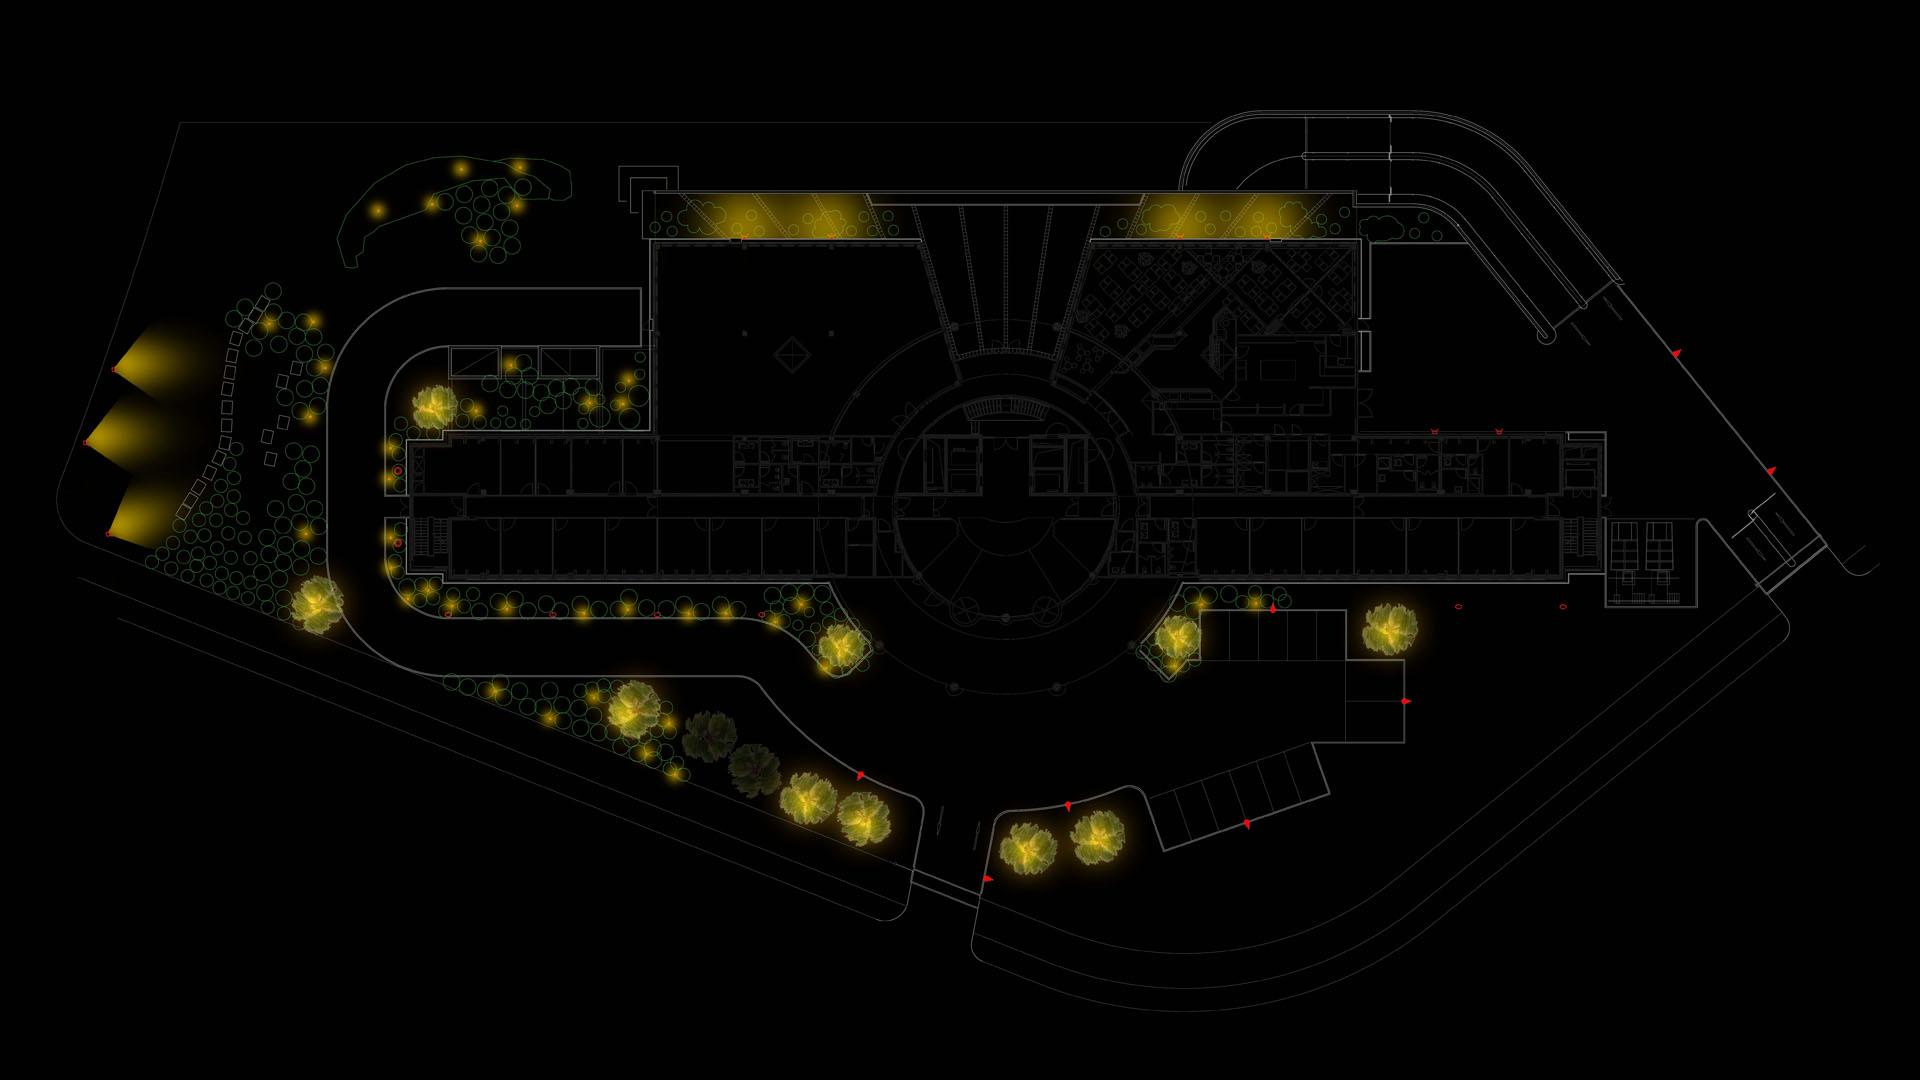 MAASS-Lichtplanung_Lichtplanung für Fassade und Freiflächen__02_Olof-Palme-Straße_Slideshow_01